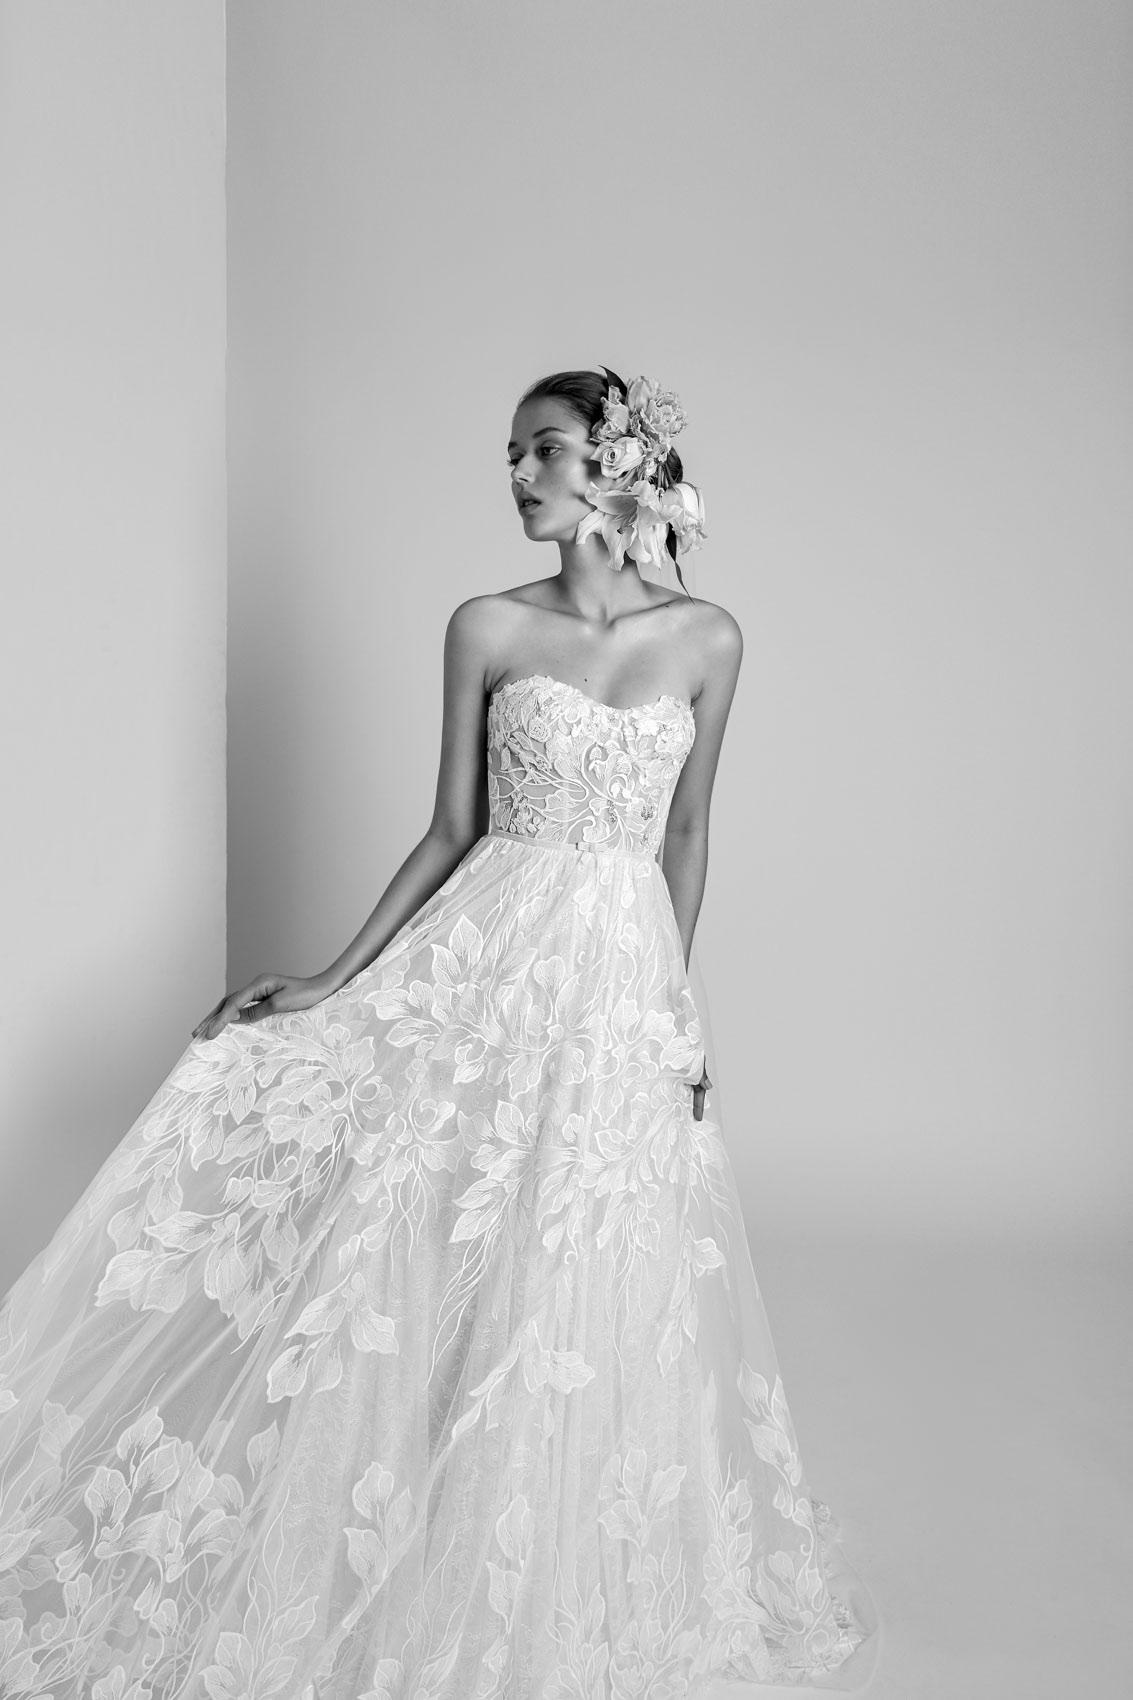 limor-rosen-wedding-dress.jpg